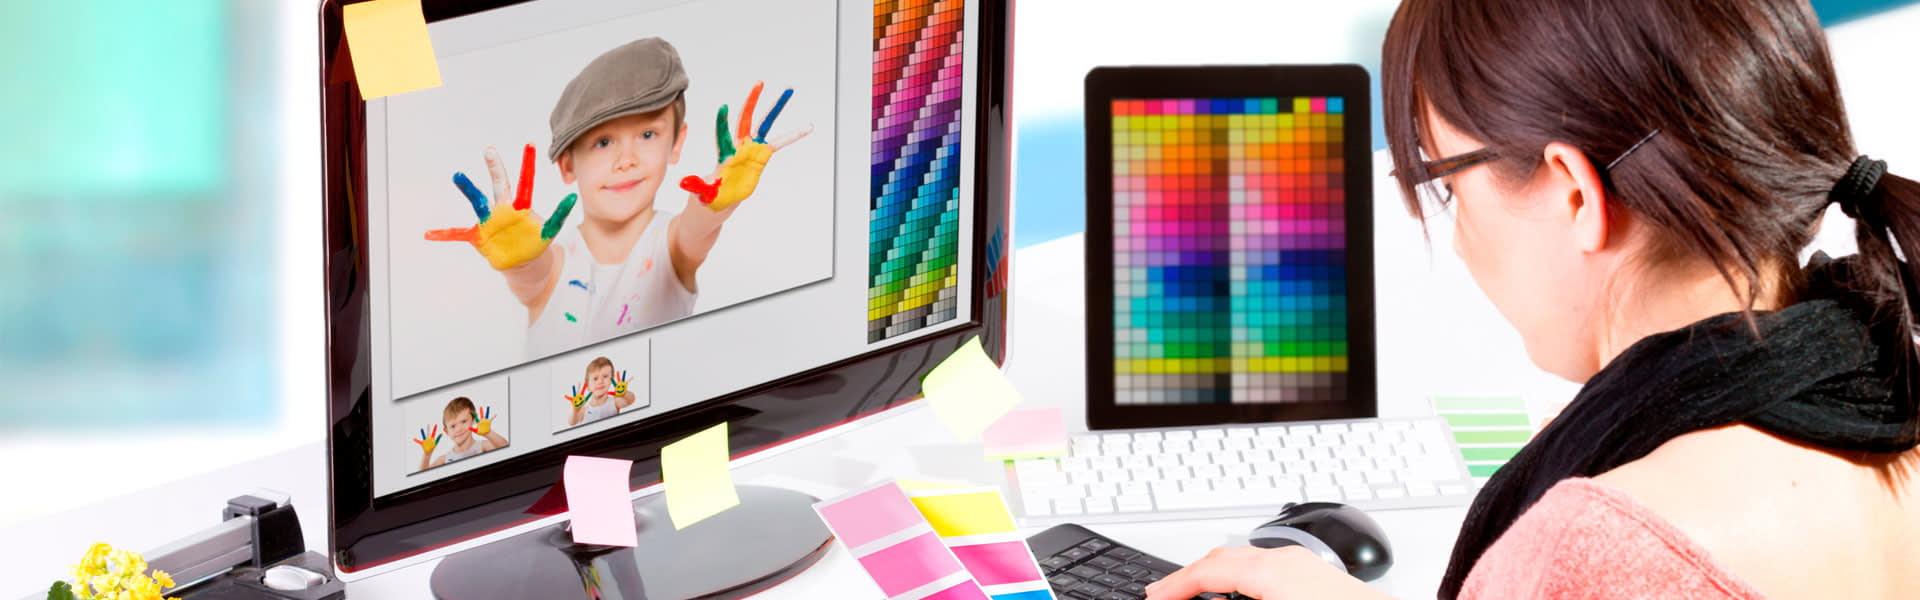 Umschulung mediengestalter in digital und print ihk in for Mediengestalter englisch